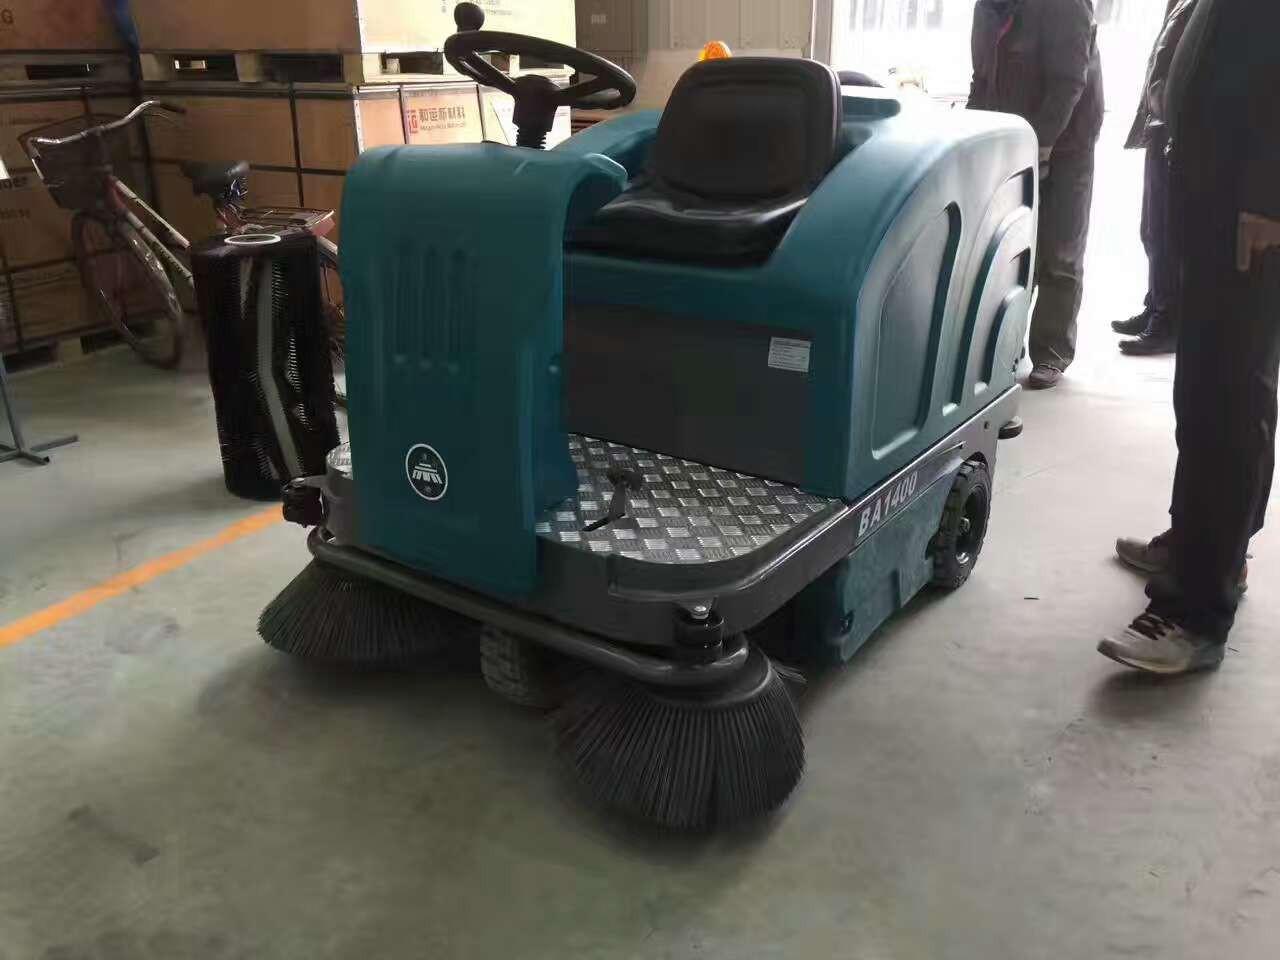 洁驰BA1400BT驾驶式扫地机,洁驰驾驶式扫地机,BA1400BT驾驶式扫地车